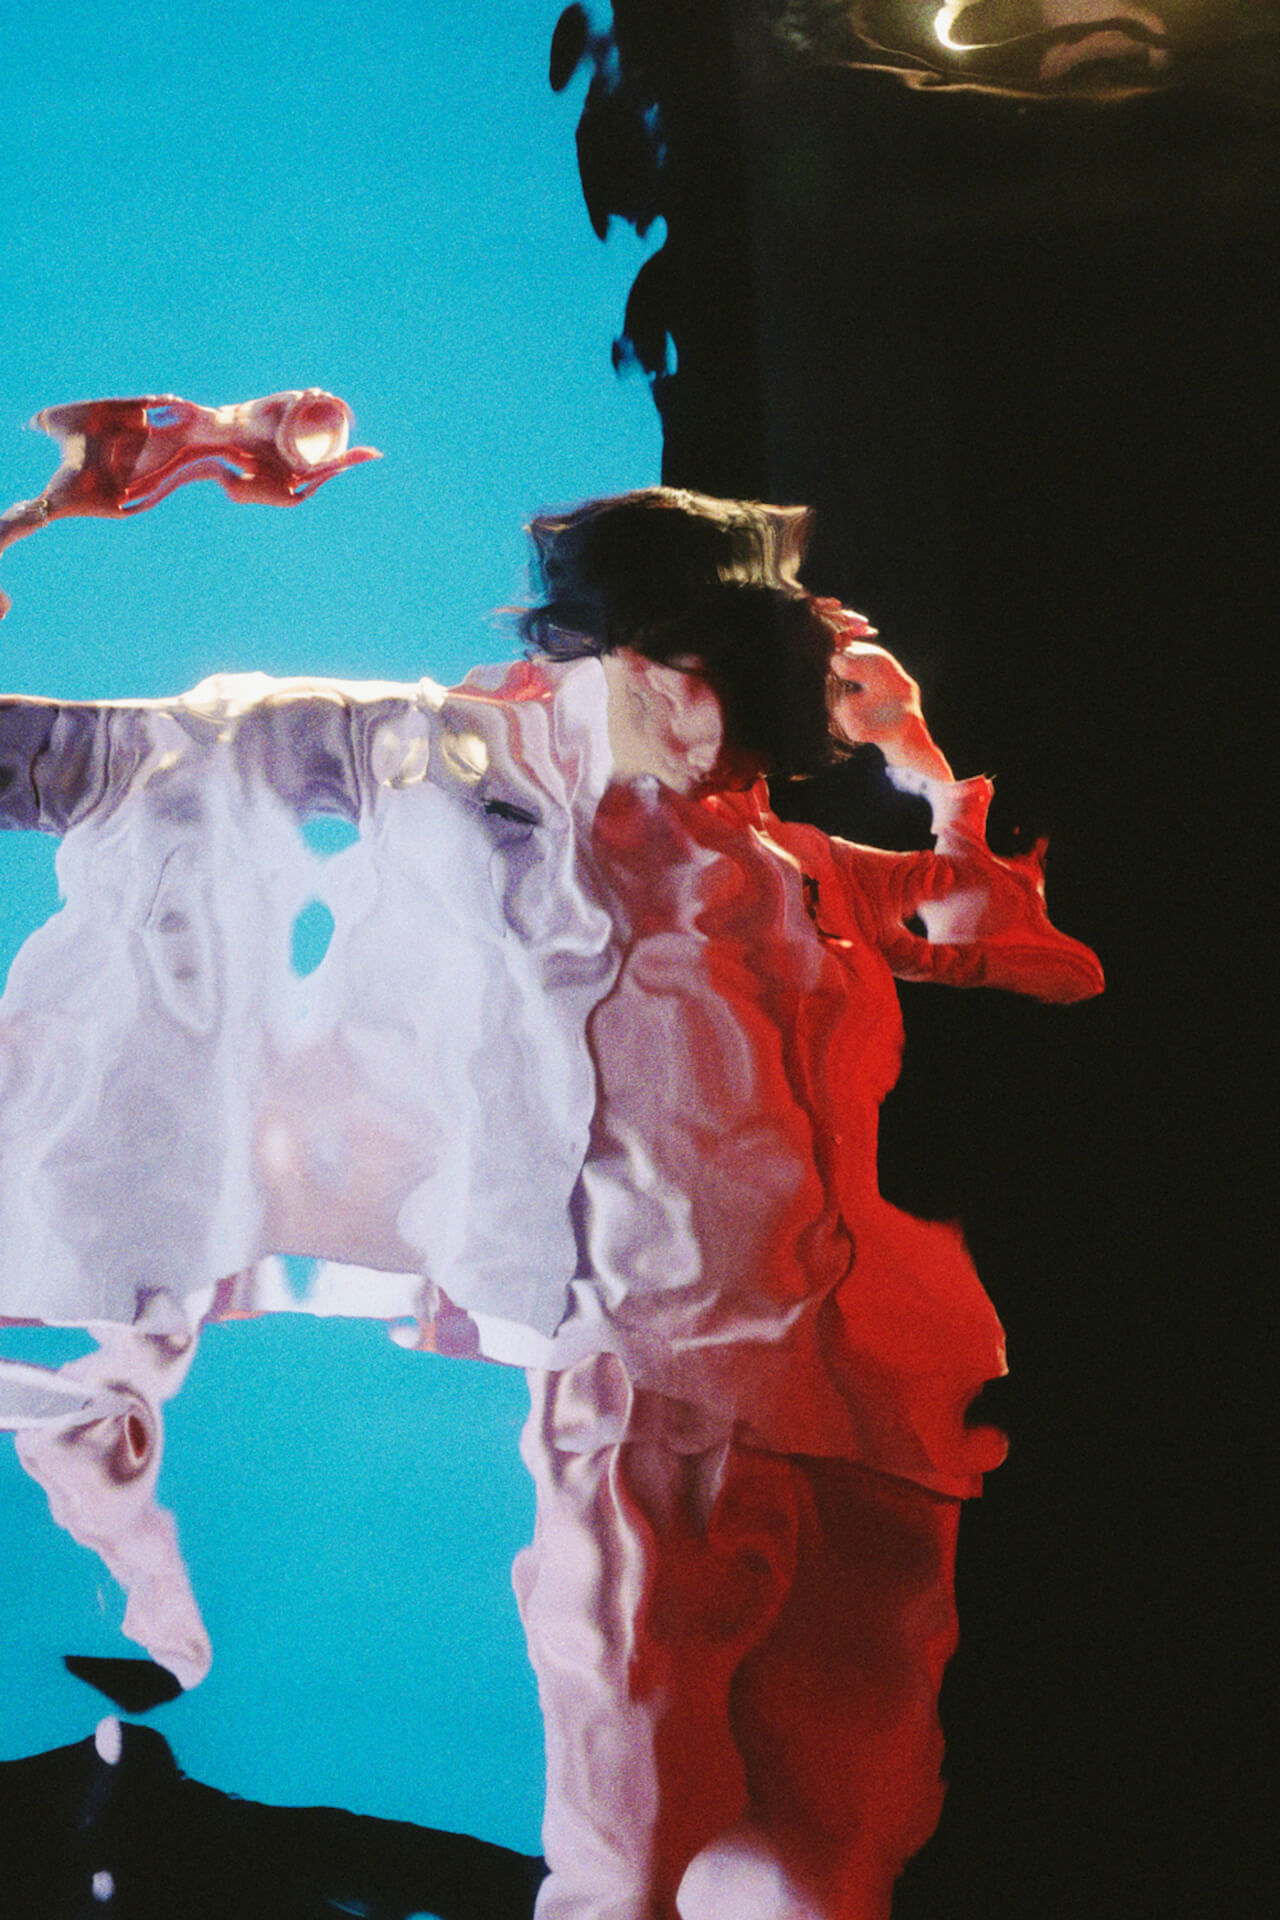 米津玄師『Pale Blue』がオリコン週間シングルランキング1位!#PaleBlueLetter カメラで本人手書きメッセージ&イラストが出現 music210622_yonezukenshi_paleblue_9